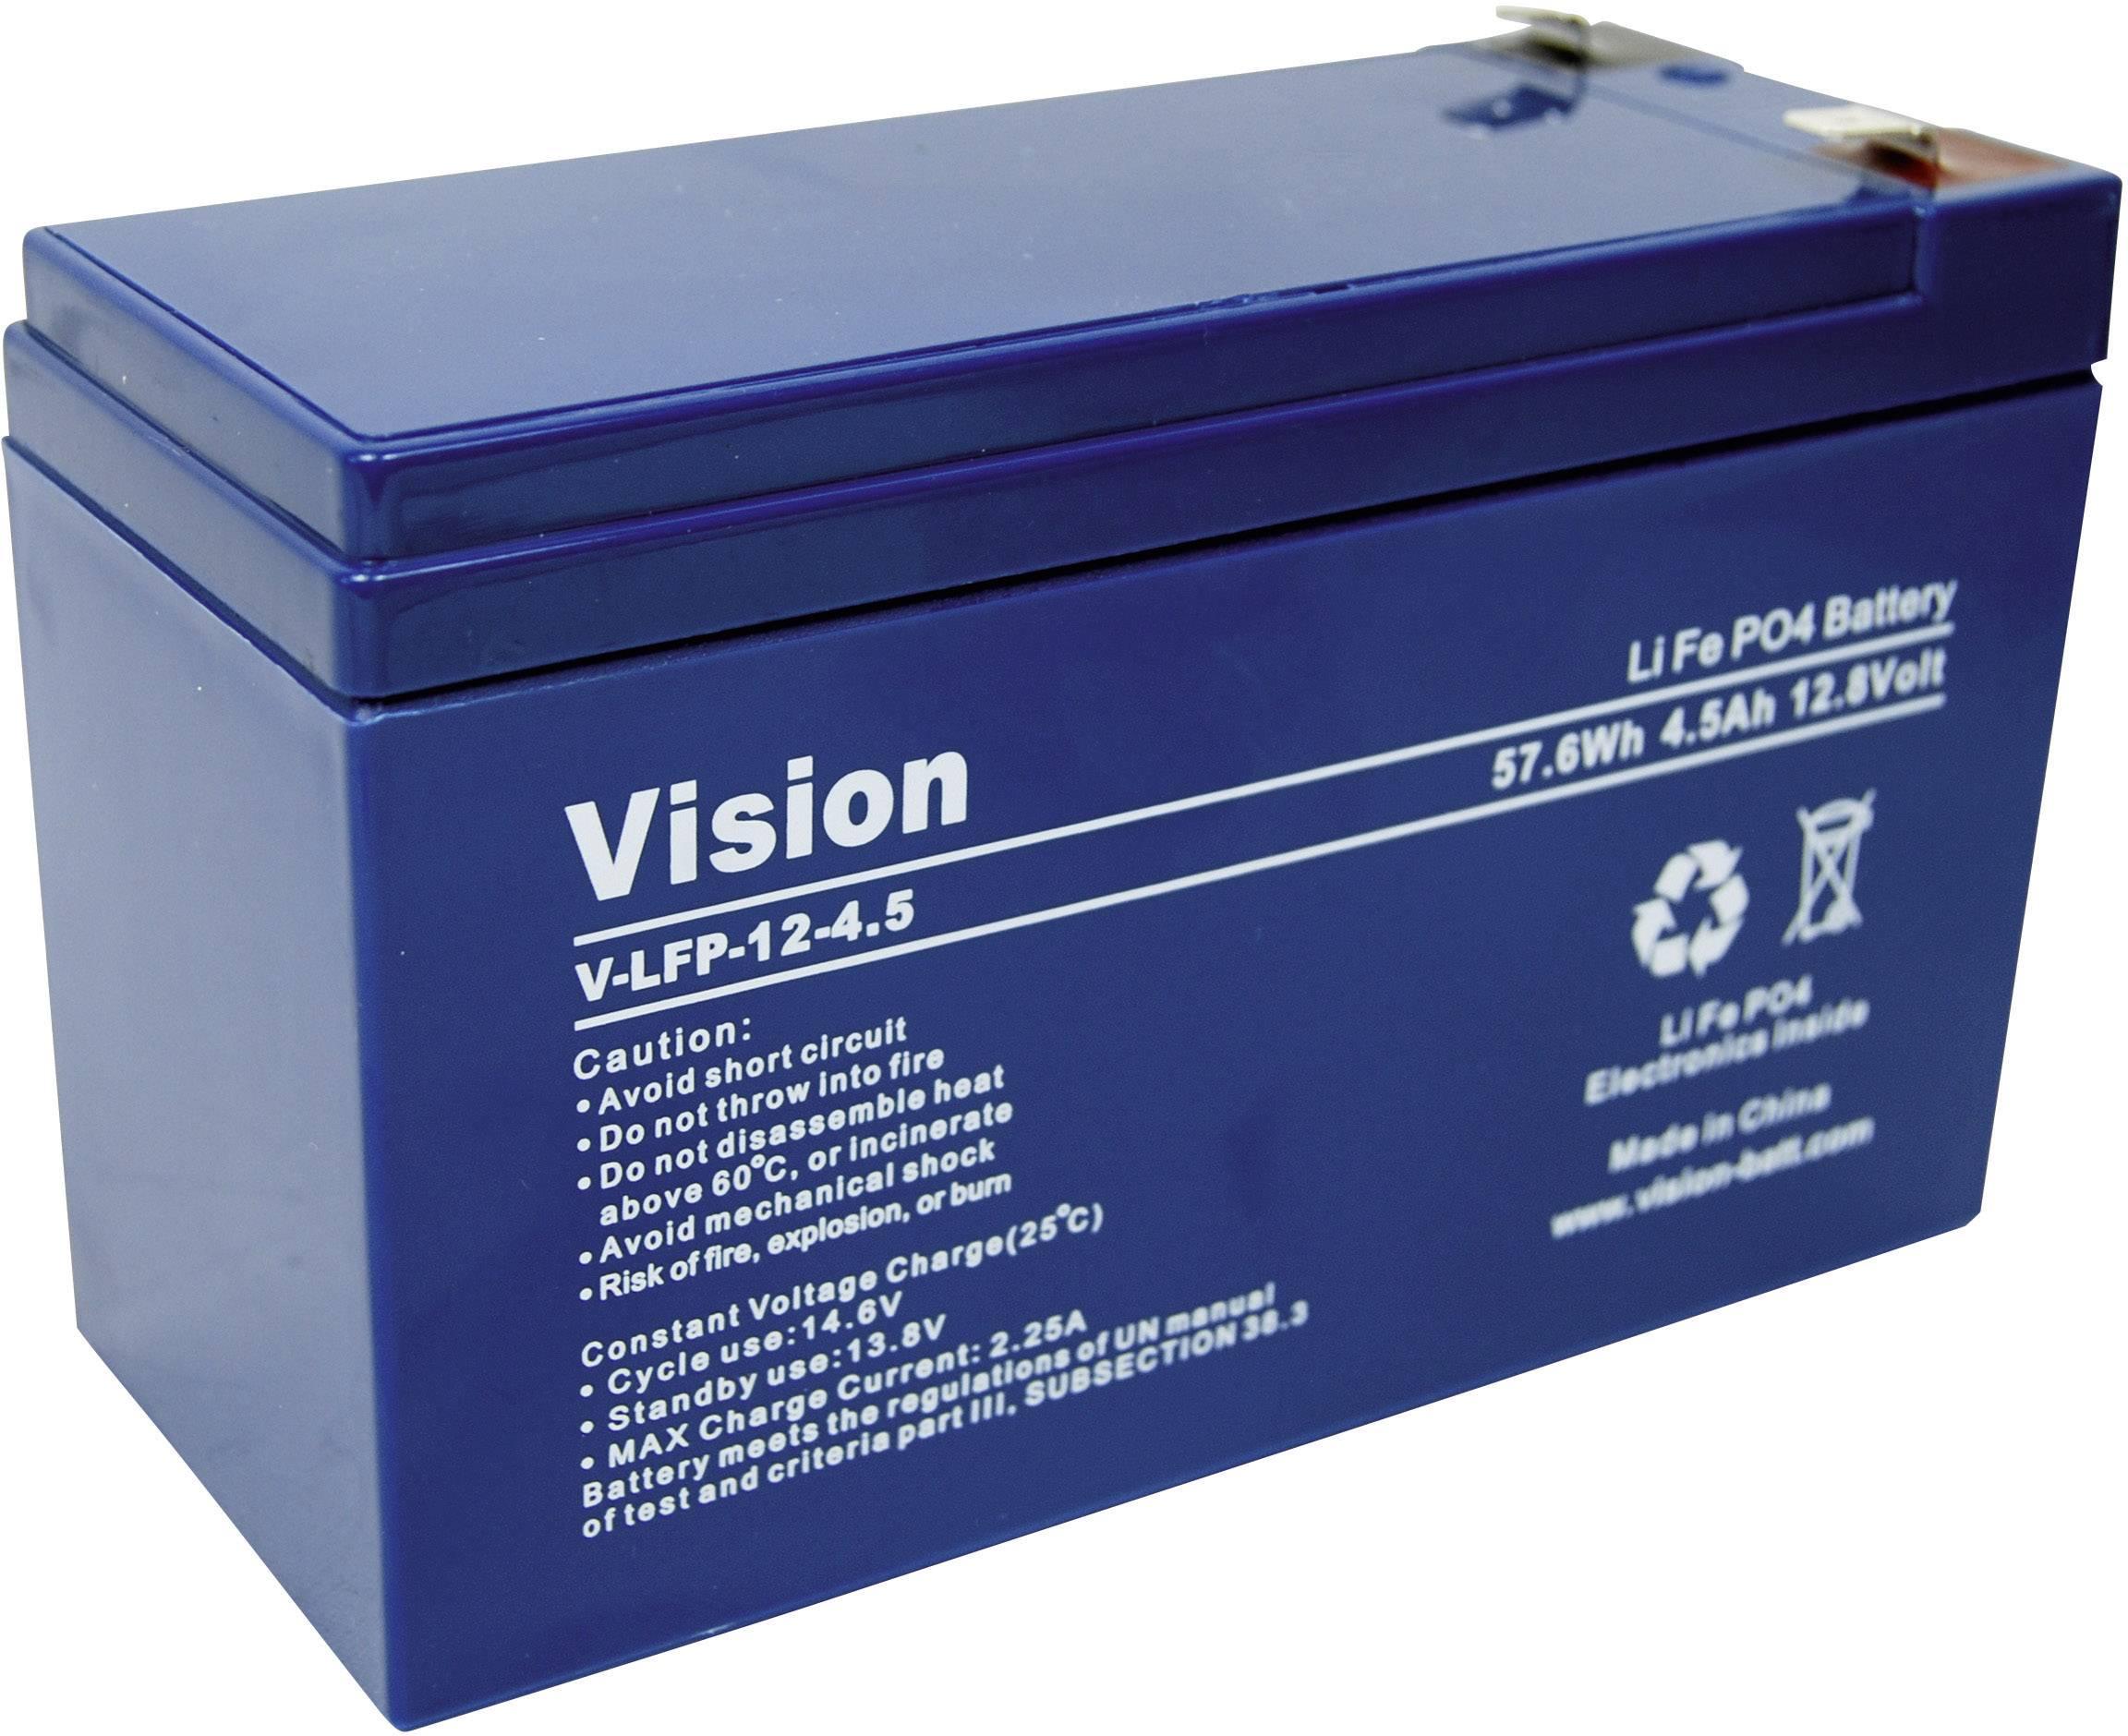 Špeciálny akumulátor Vision Akkus LFP124.5, Li-Fe-Pol blok, LiFePO4, 12.8 V, 4500 mAh